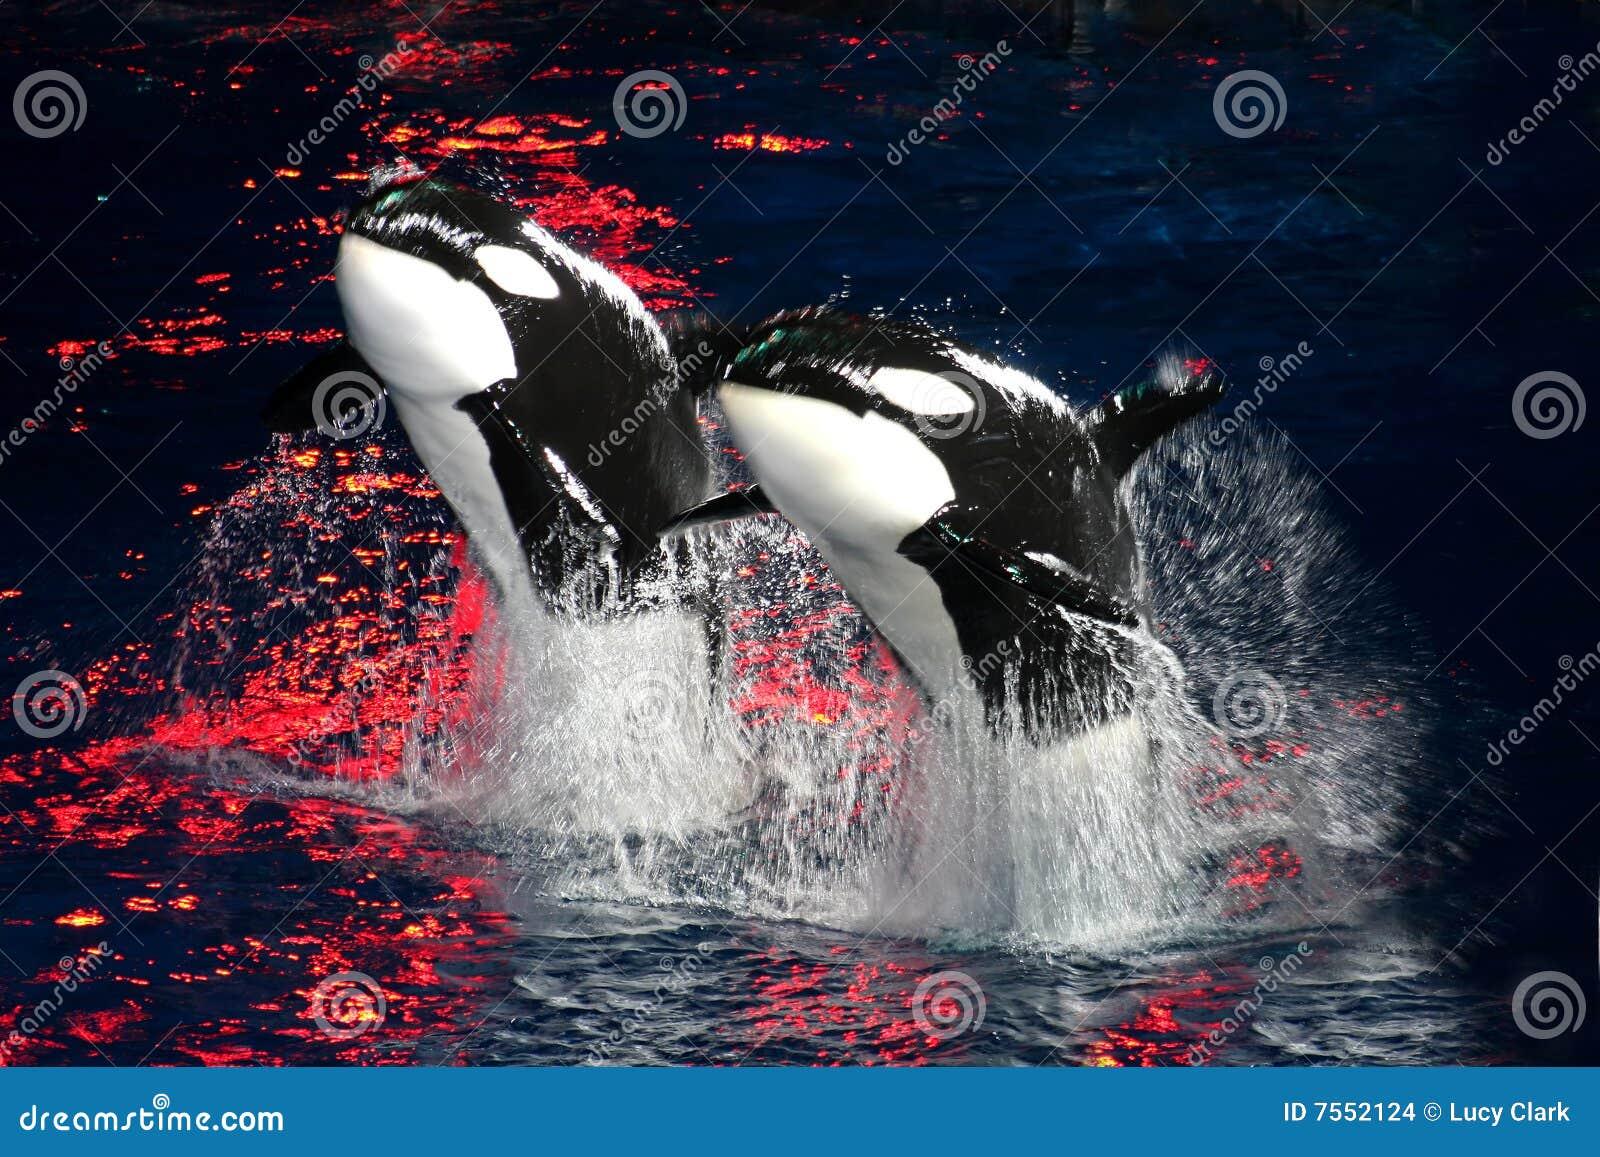 Baleias de assassino